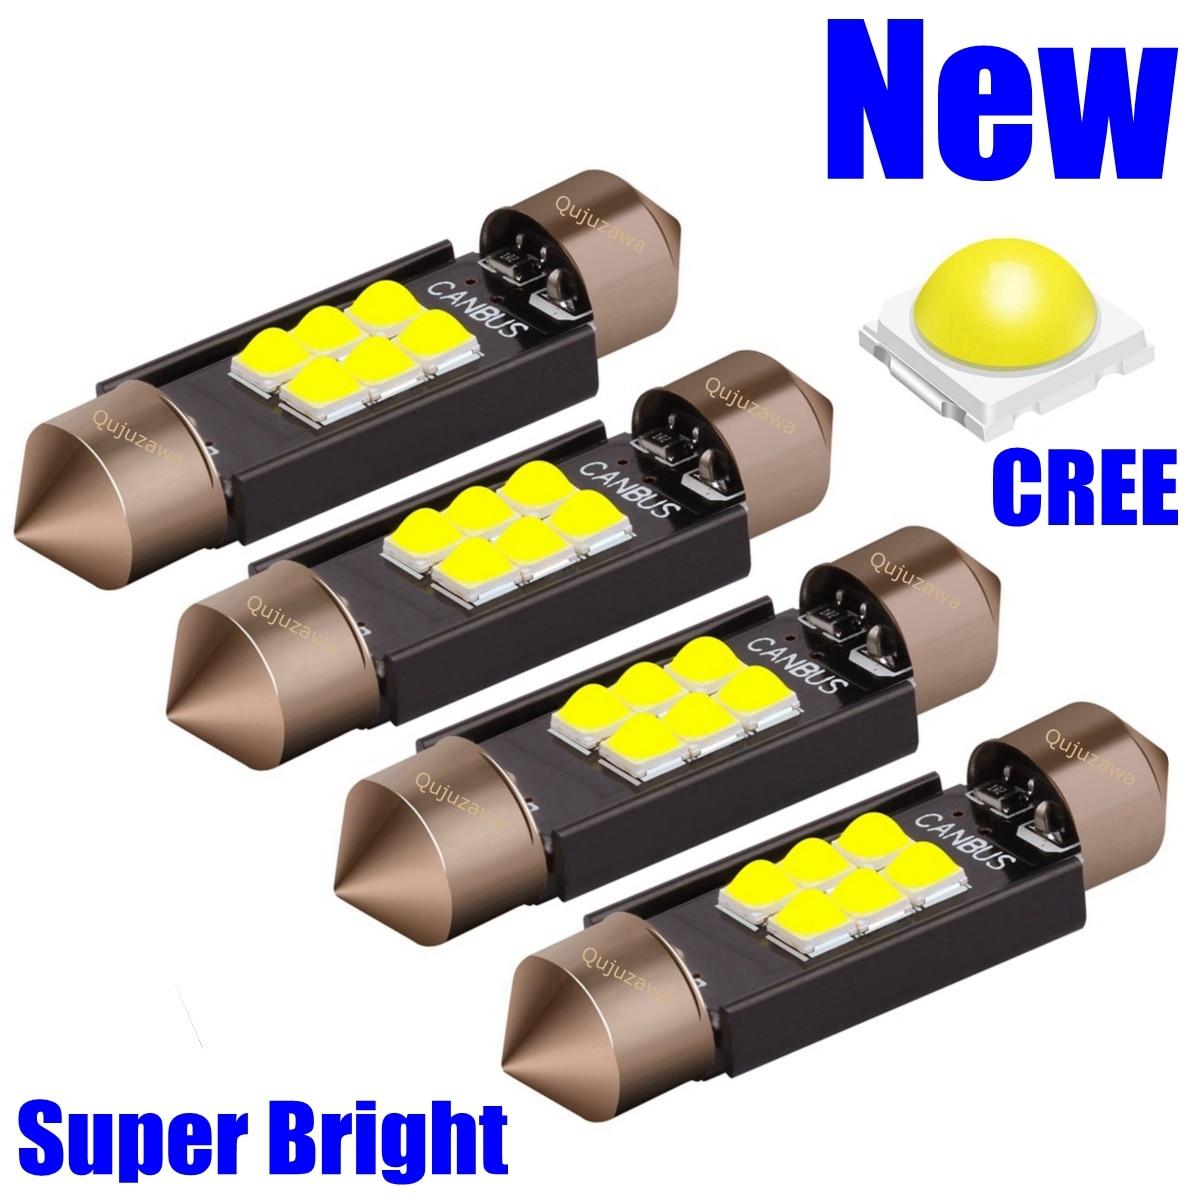 4 pces festão 31mm 36mm 39mm 41mm lâmpadas led c5w c10w super brilhante led canbus nenhum erro auto interior doom lâmpada luzes de leitura do carro